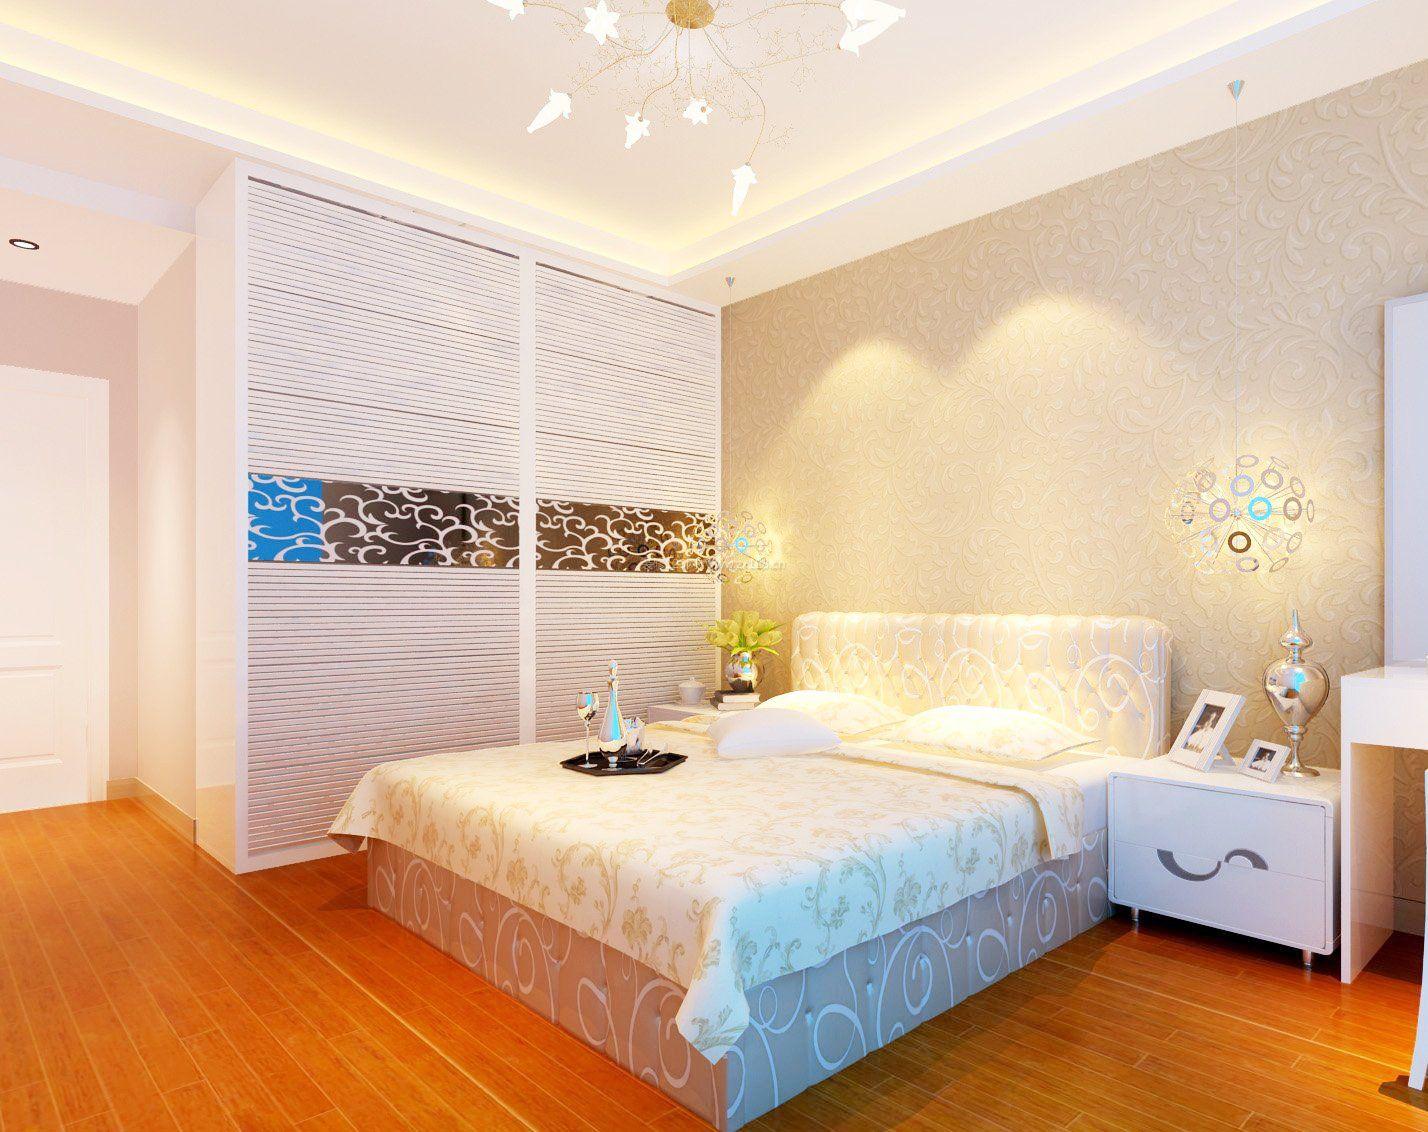 卧室衣柜设计效果图 - 电影天堂